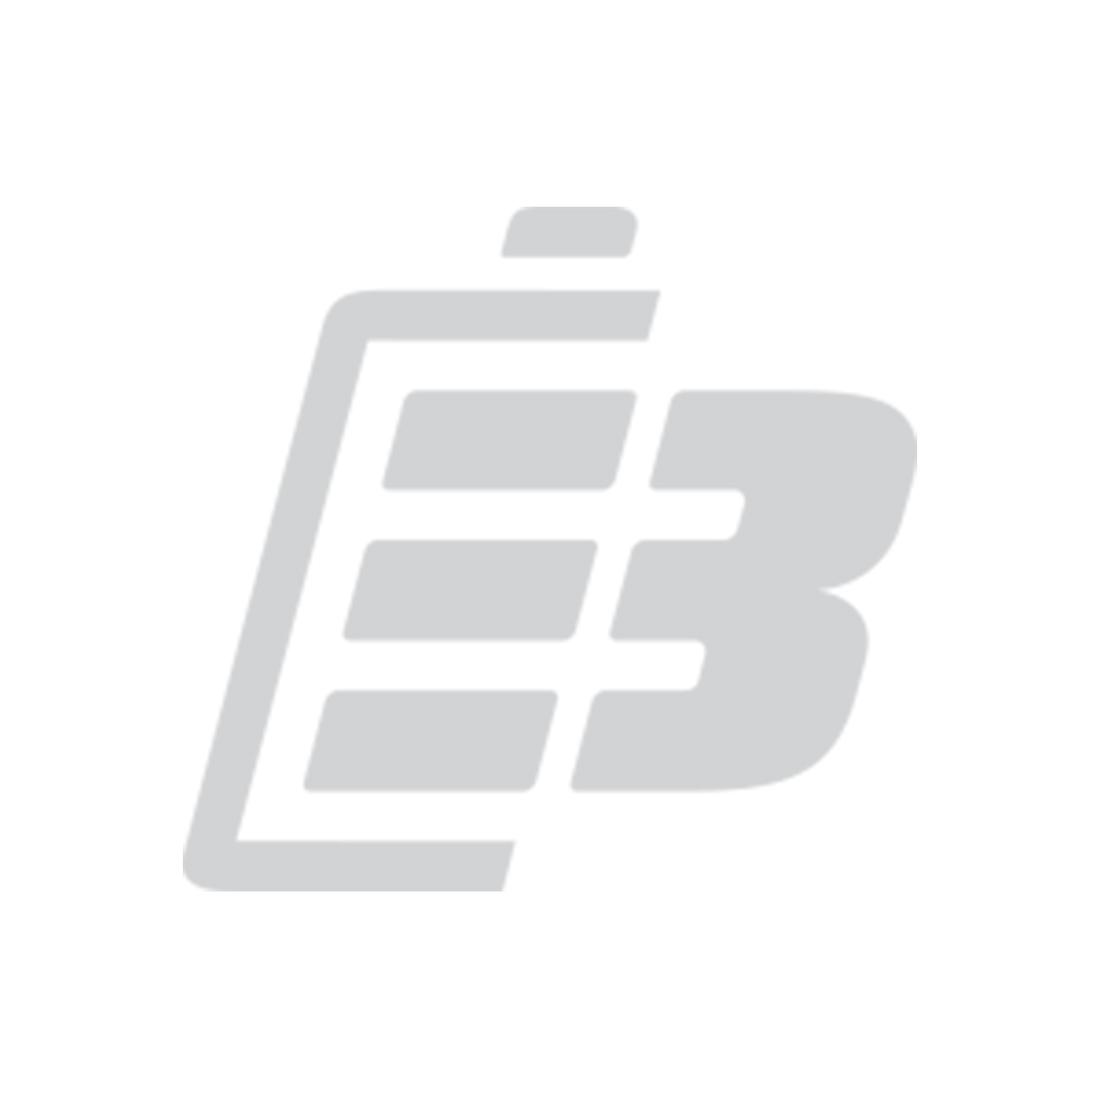 Power tool battery Bosch 14.4V 3.0Ah_1